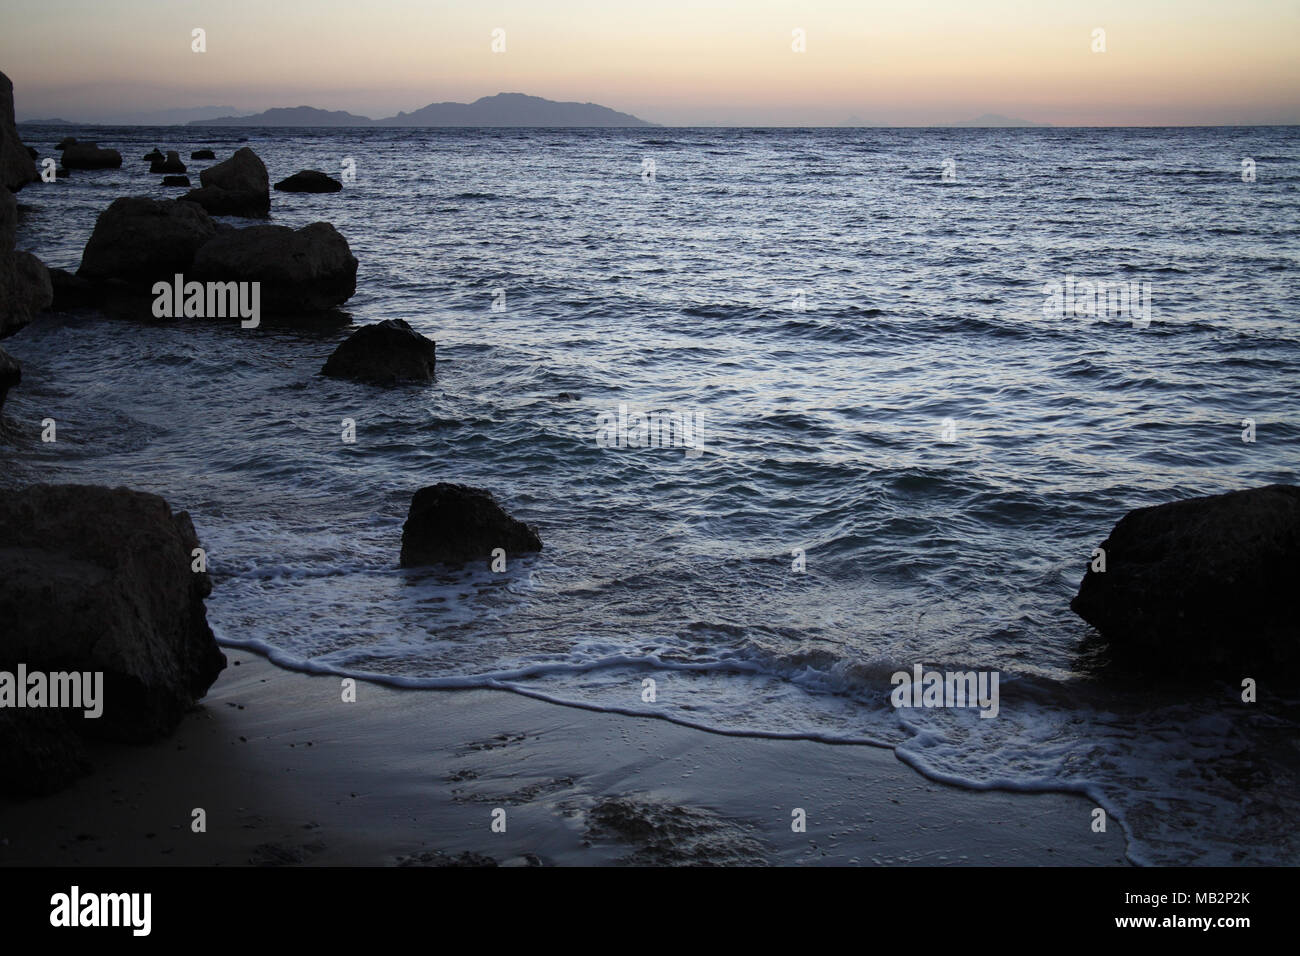 Sonnenaufgang in der Nähe von dem Meer, Ägypten, Tiran Insel Stockbild